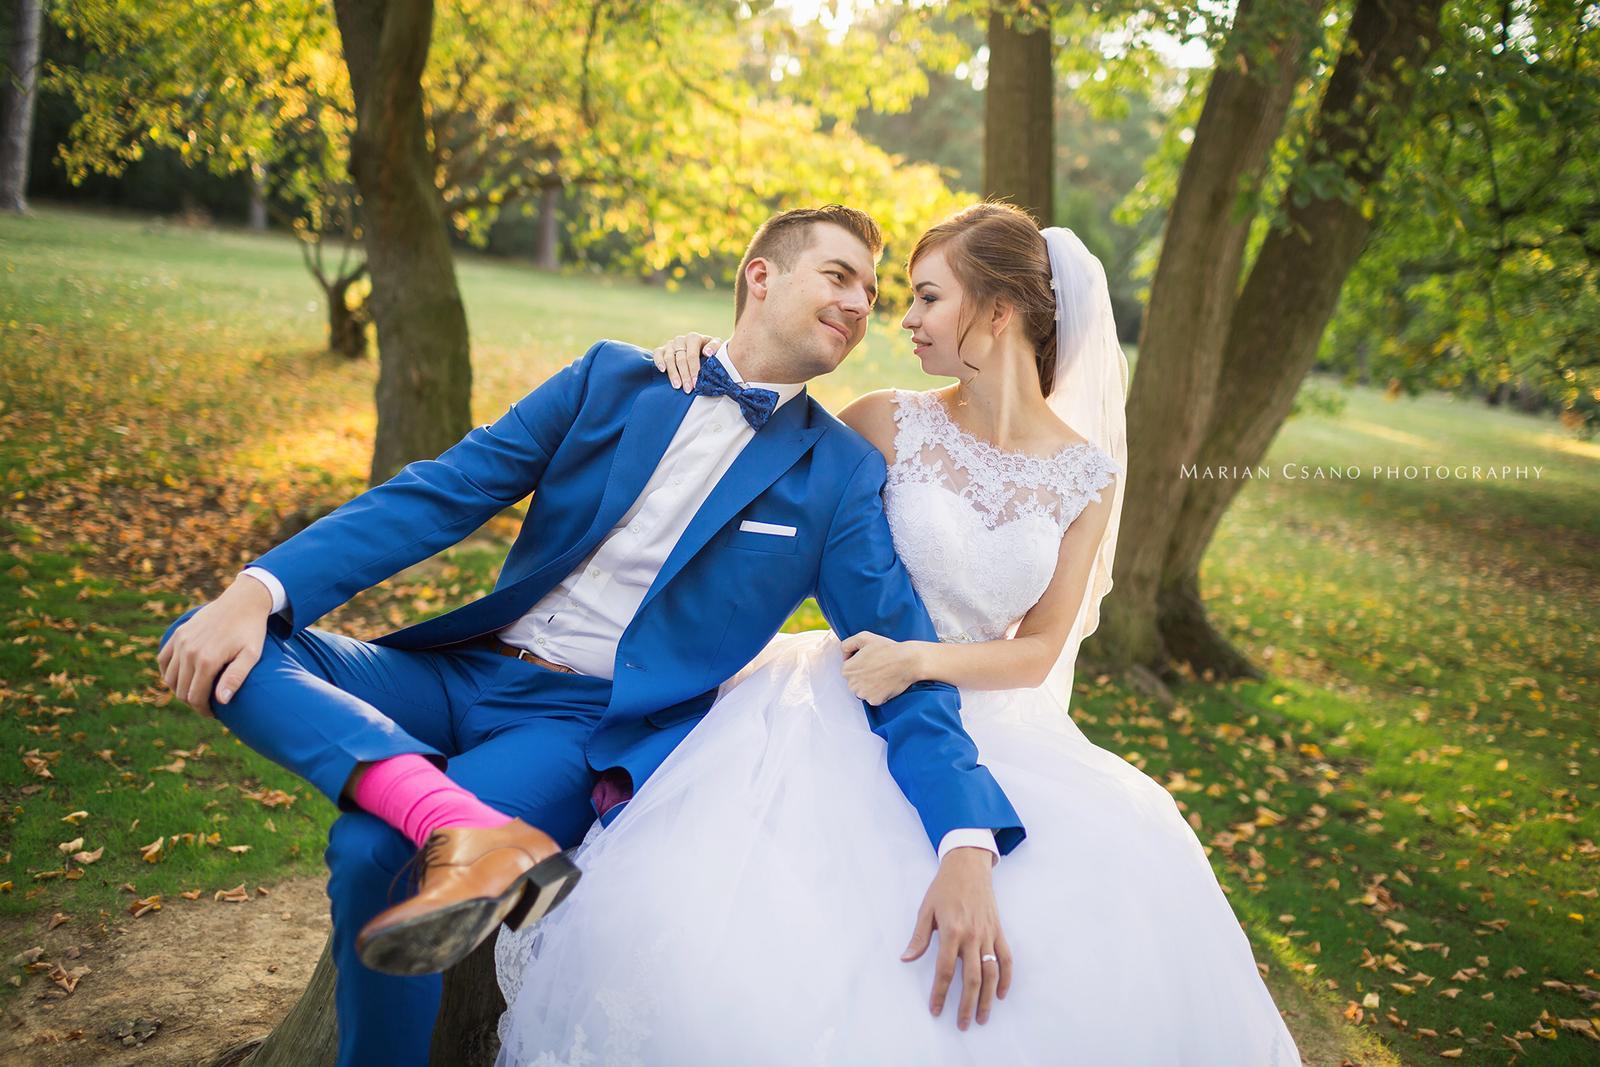 Veronika & Vlado - Obrázok č. 39